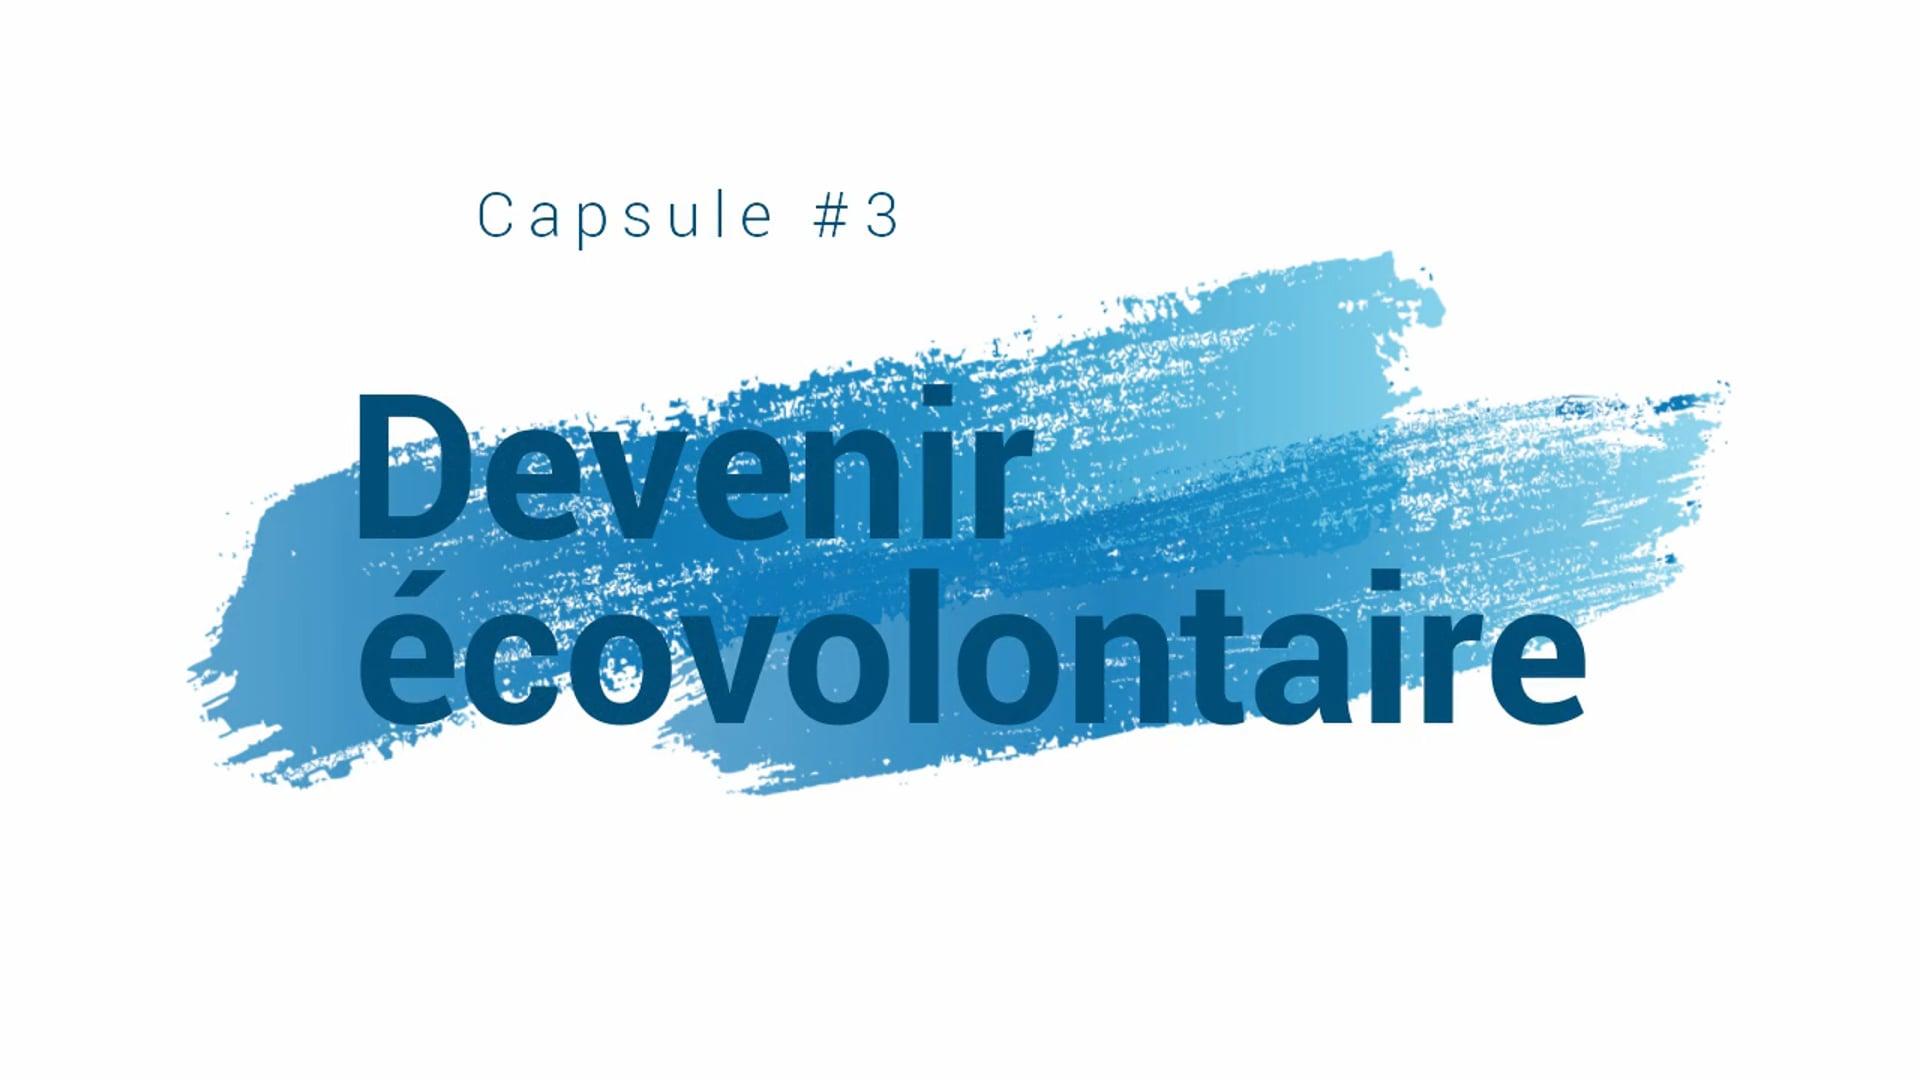 Capsule 3 - Devenir écovolontaire